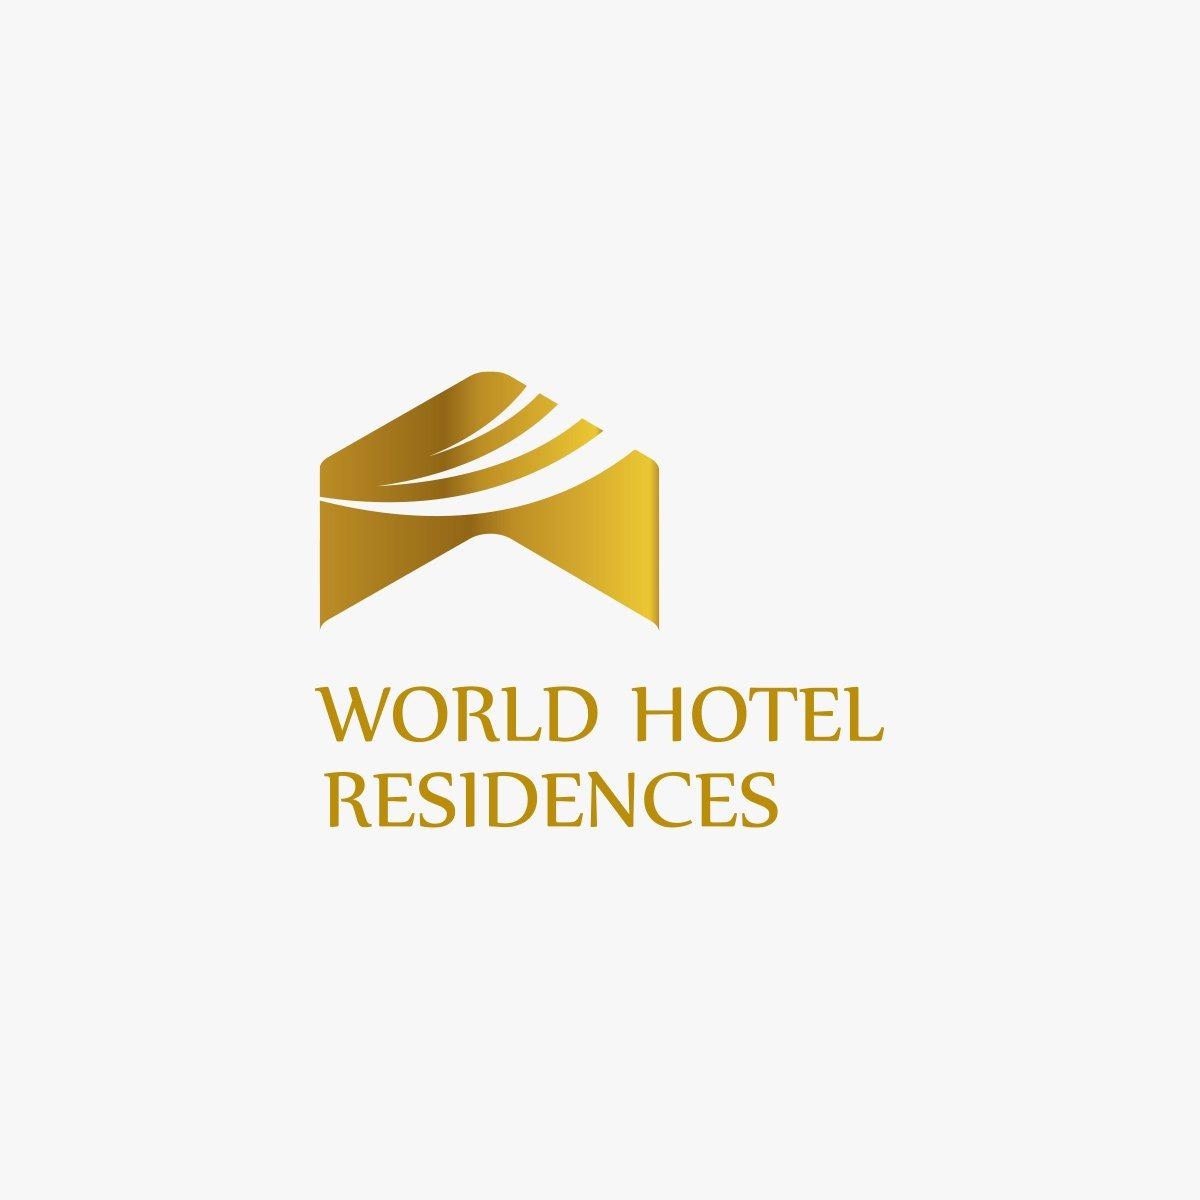 World Hotel Residences